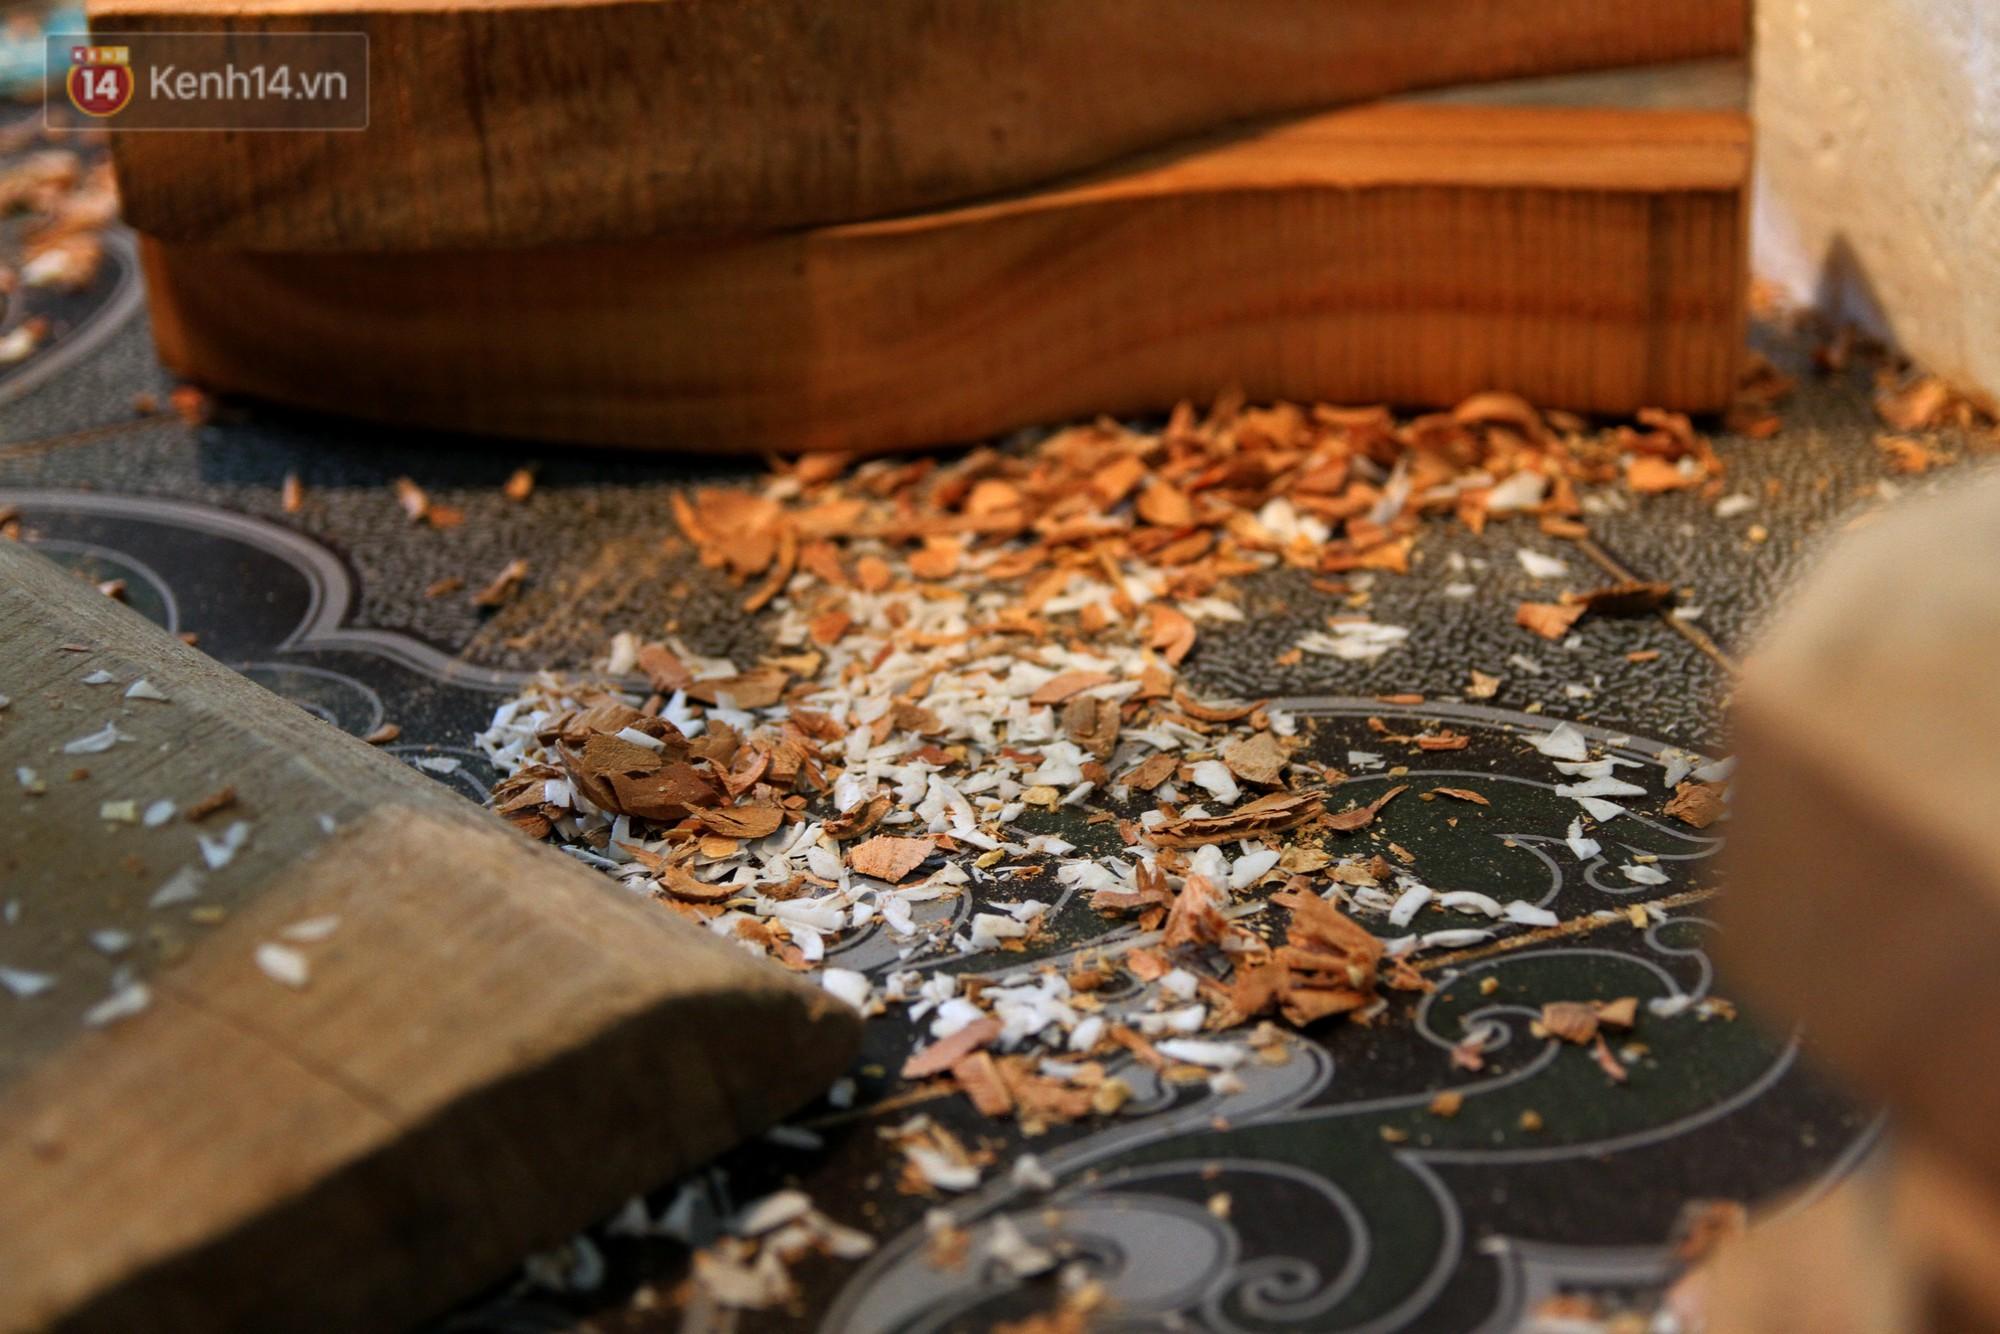 Ghé thăm người đàn ông 35 năm đẽo đục khuôn bánh Trung thu ở Hà Nội: Một khuôn gỗ đắt nhất giá 5 triệu - Ảnh 13.